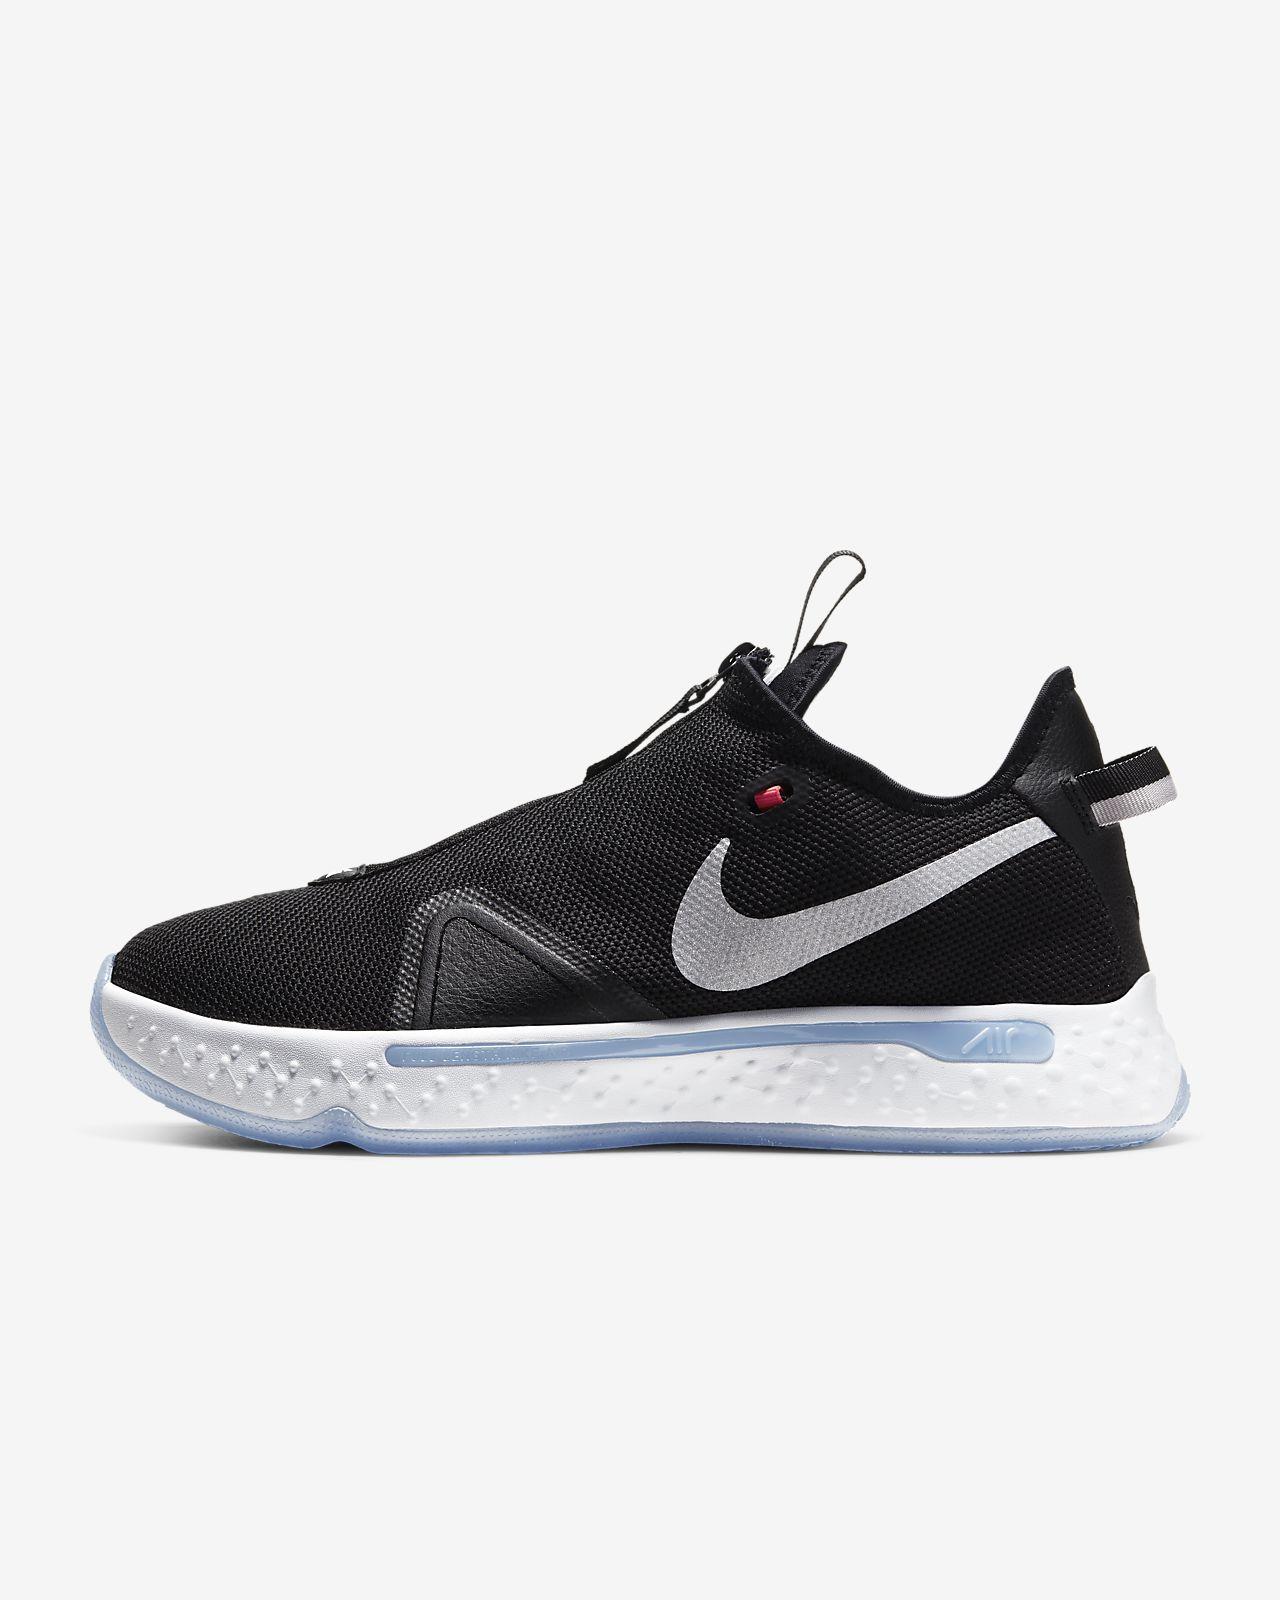 PG 4 Basketbol Ayakkabısı